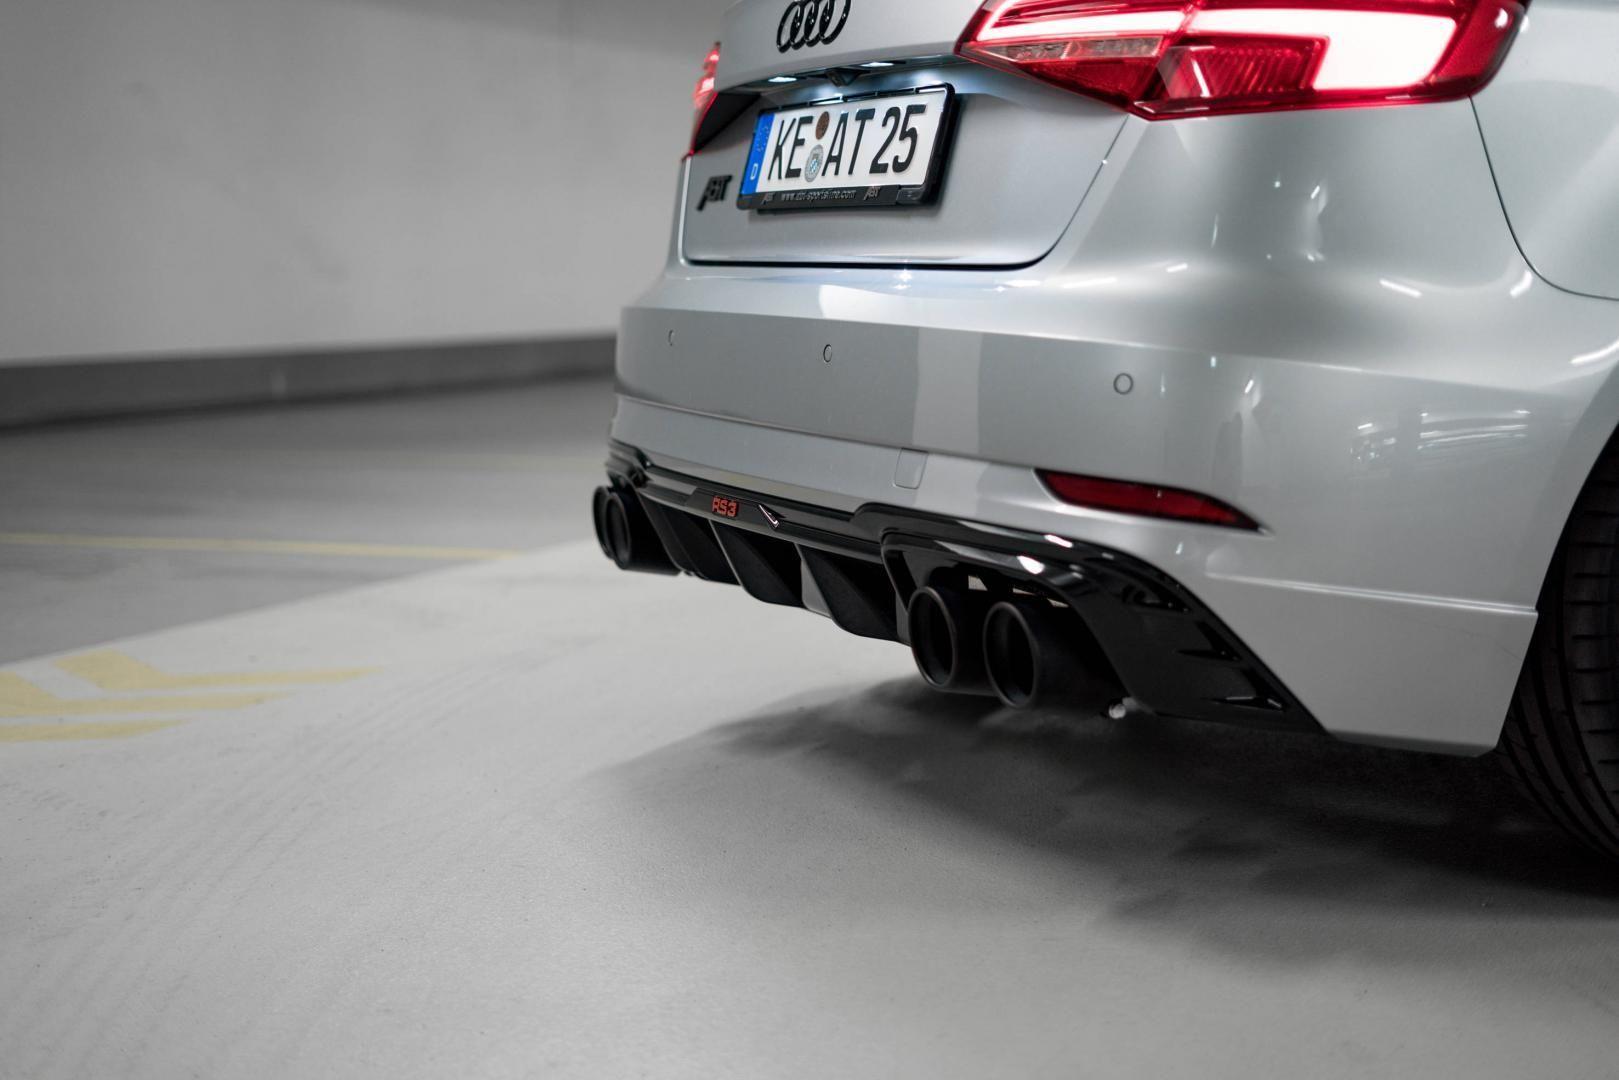 De Abt Audi Rs 3 Is Sneller Dan De Mercedes Amg A 45 S 470 Pk Audi Rs3 Audi Rs Audi